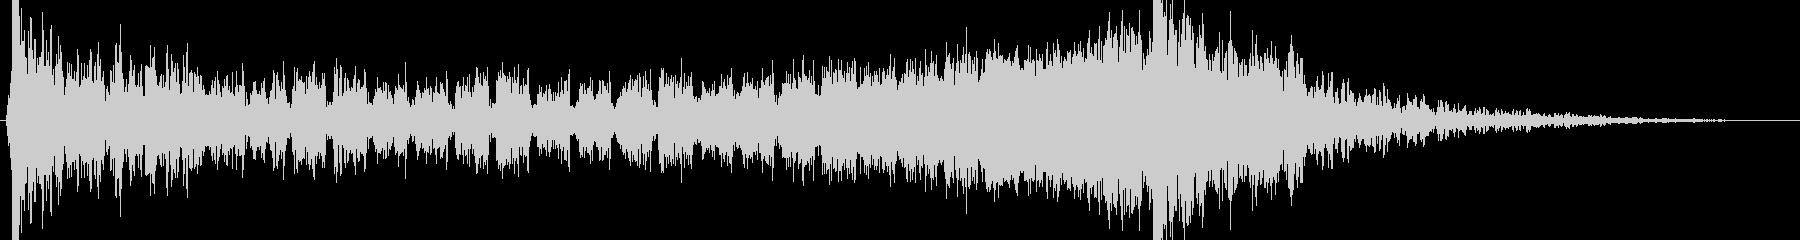 壮大でヒロイックなエピックサウンドロゴの未再生の波形